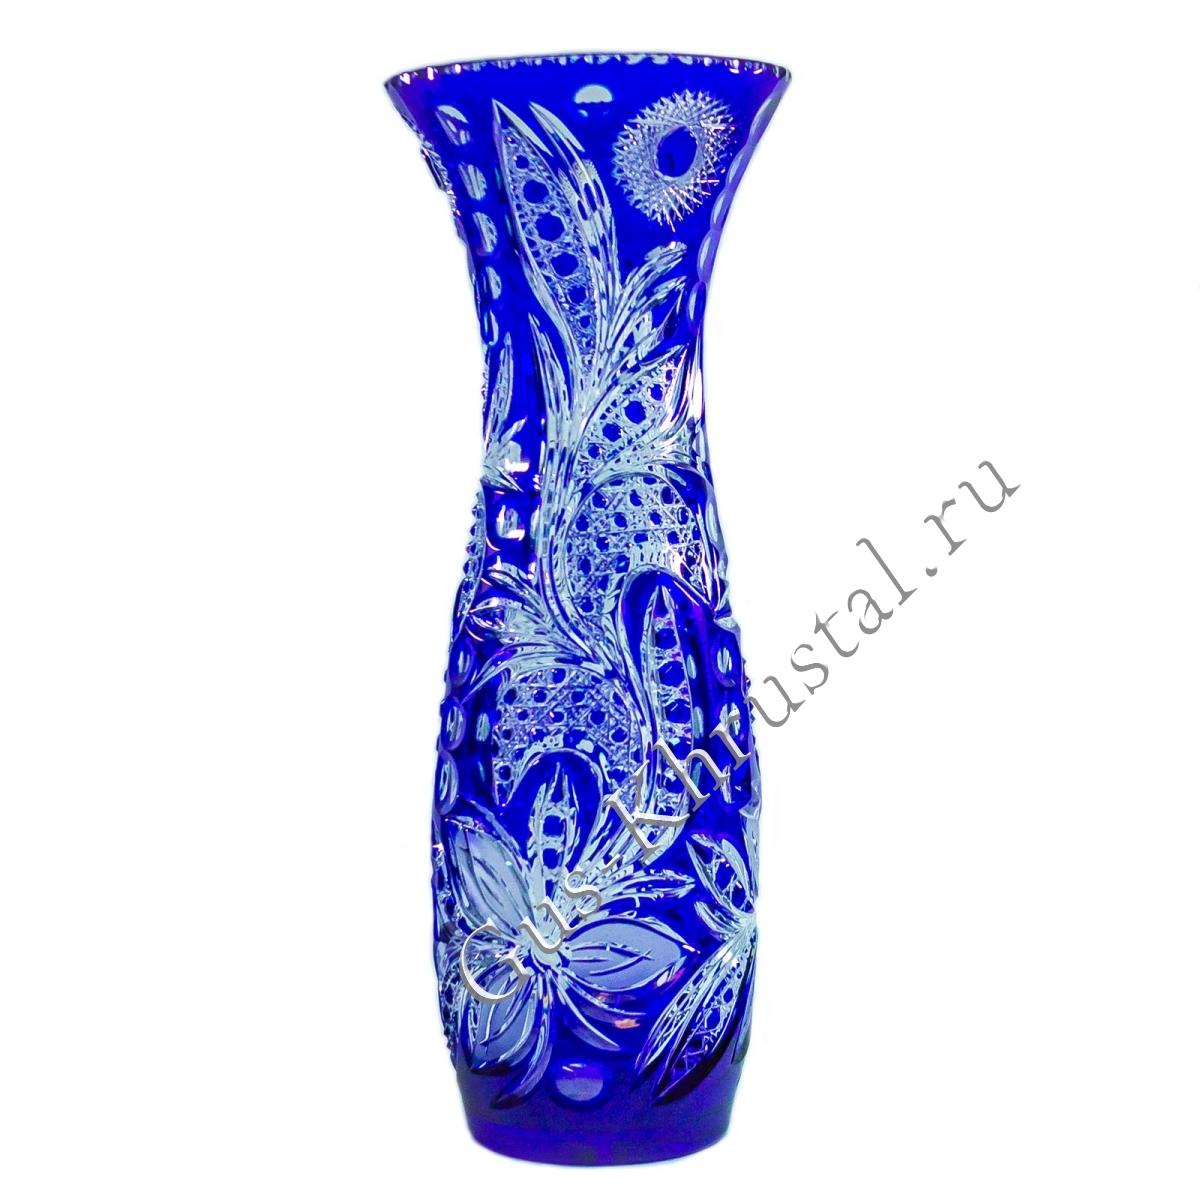 Ваза Хрустальная Для Цветов Натали синяя